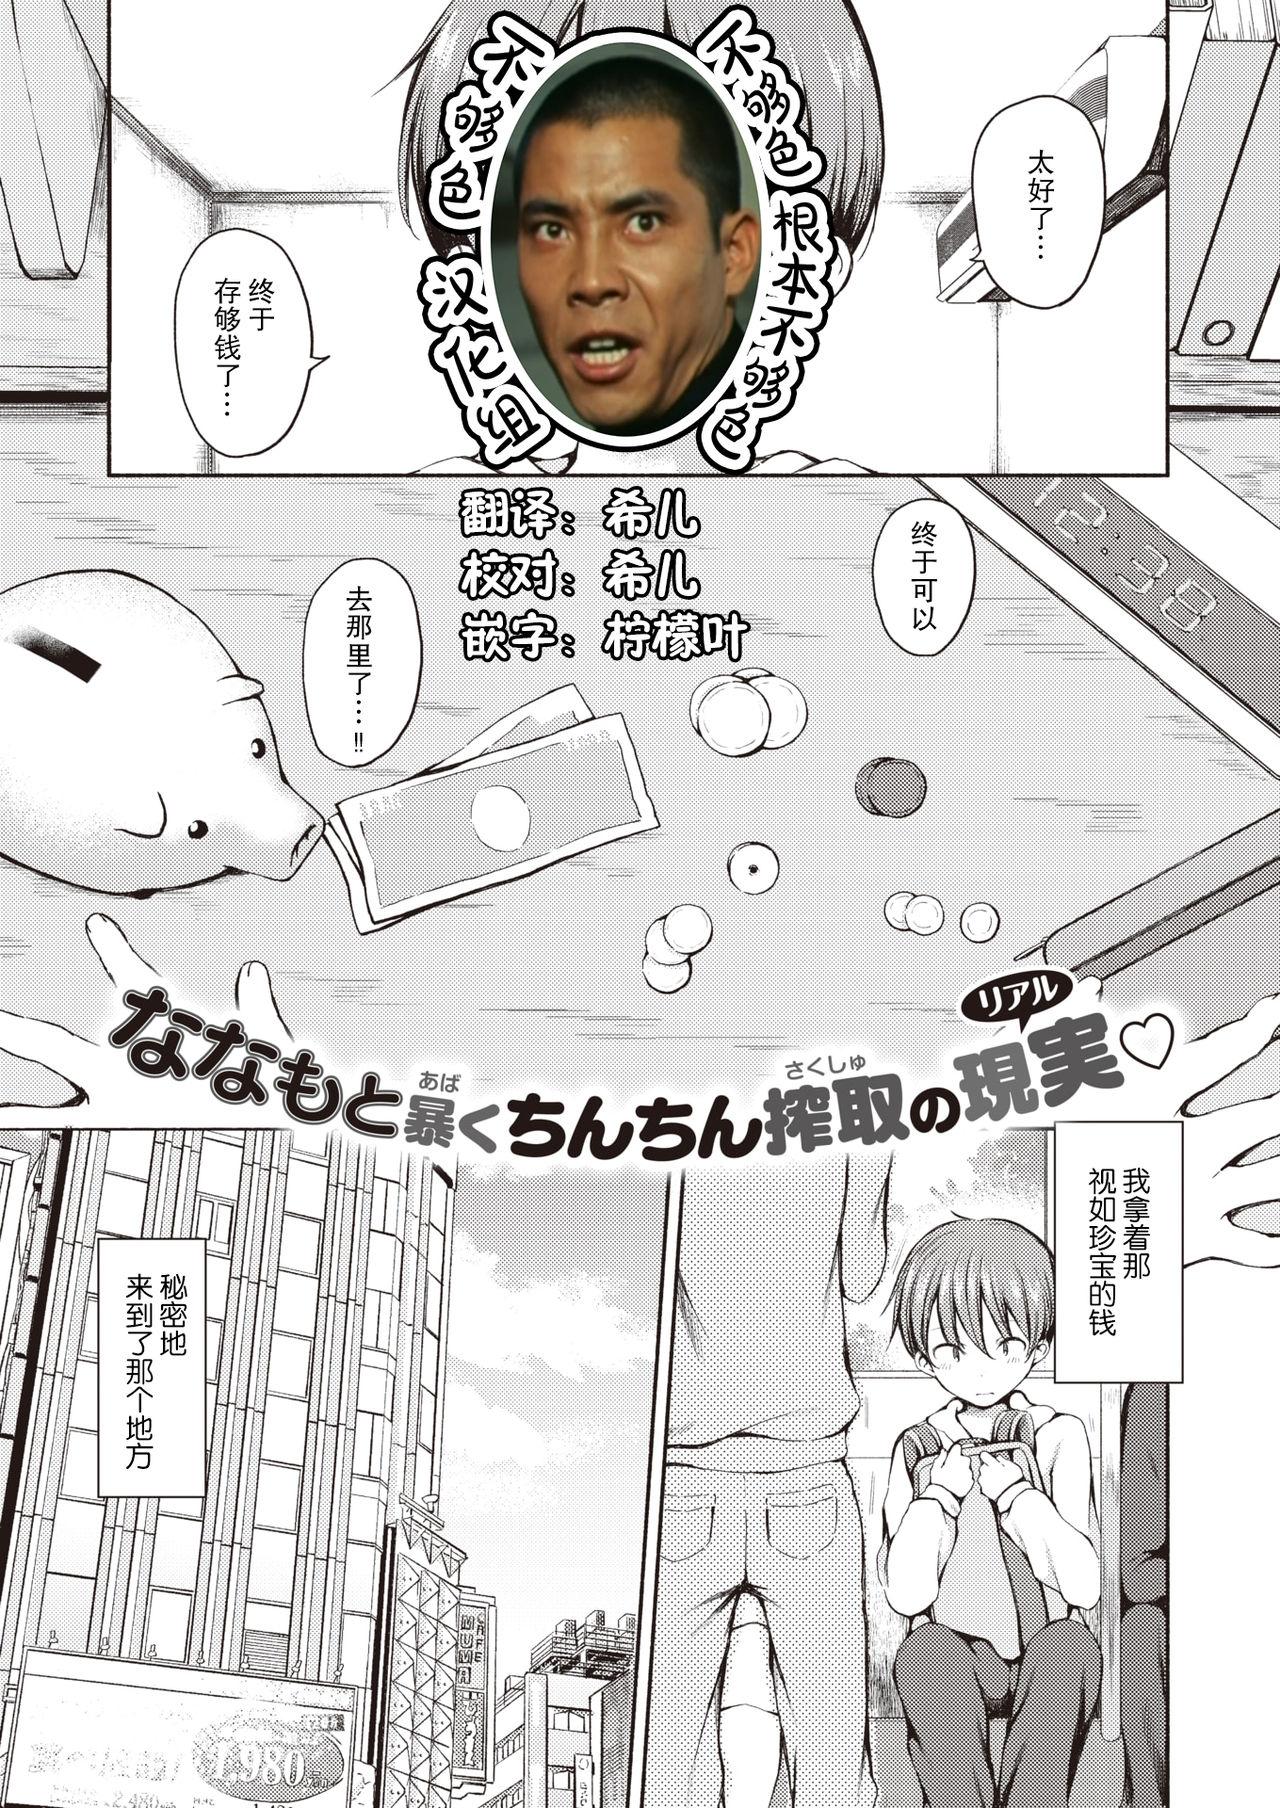 [ななもと] すぺしゃる・ぺいめんと (コミックゼロス #89) [中國翻訳] [DL版] - 情色卡漫 -